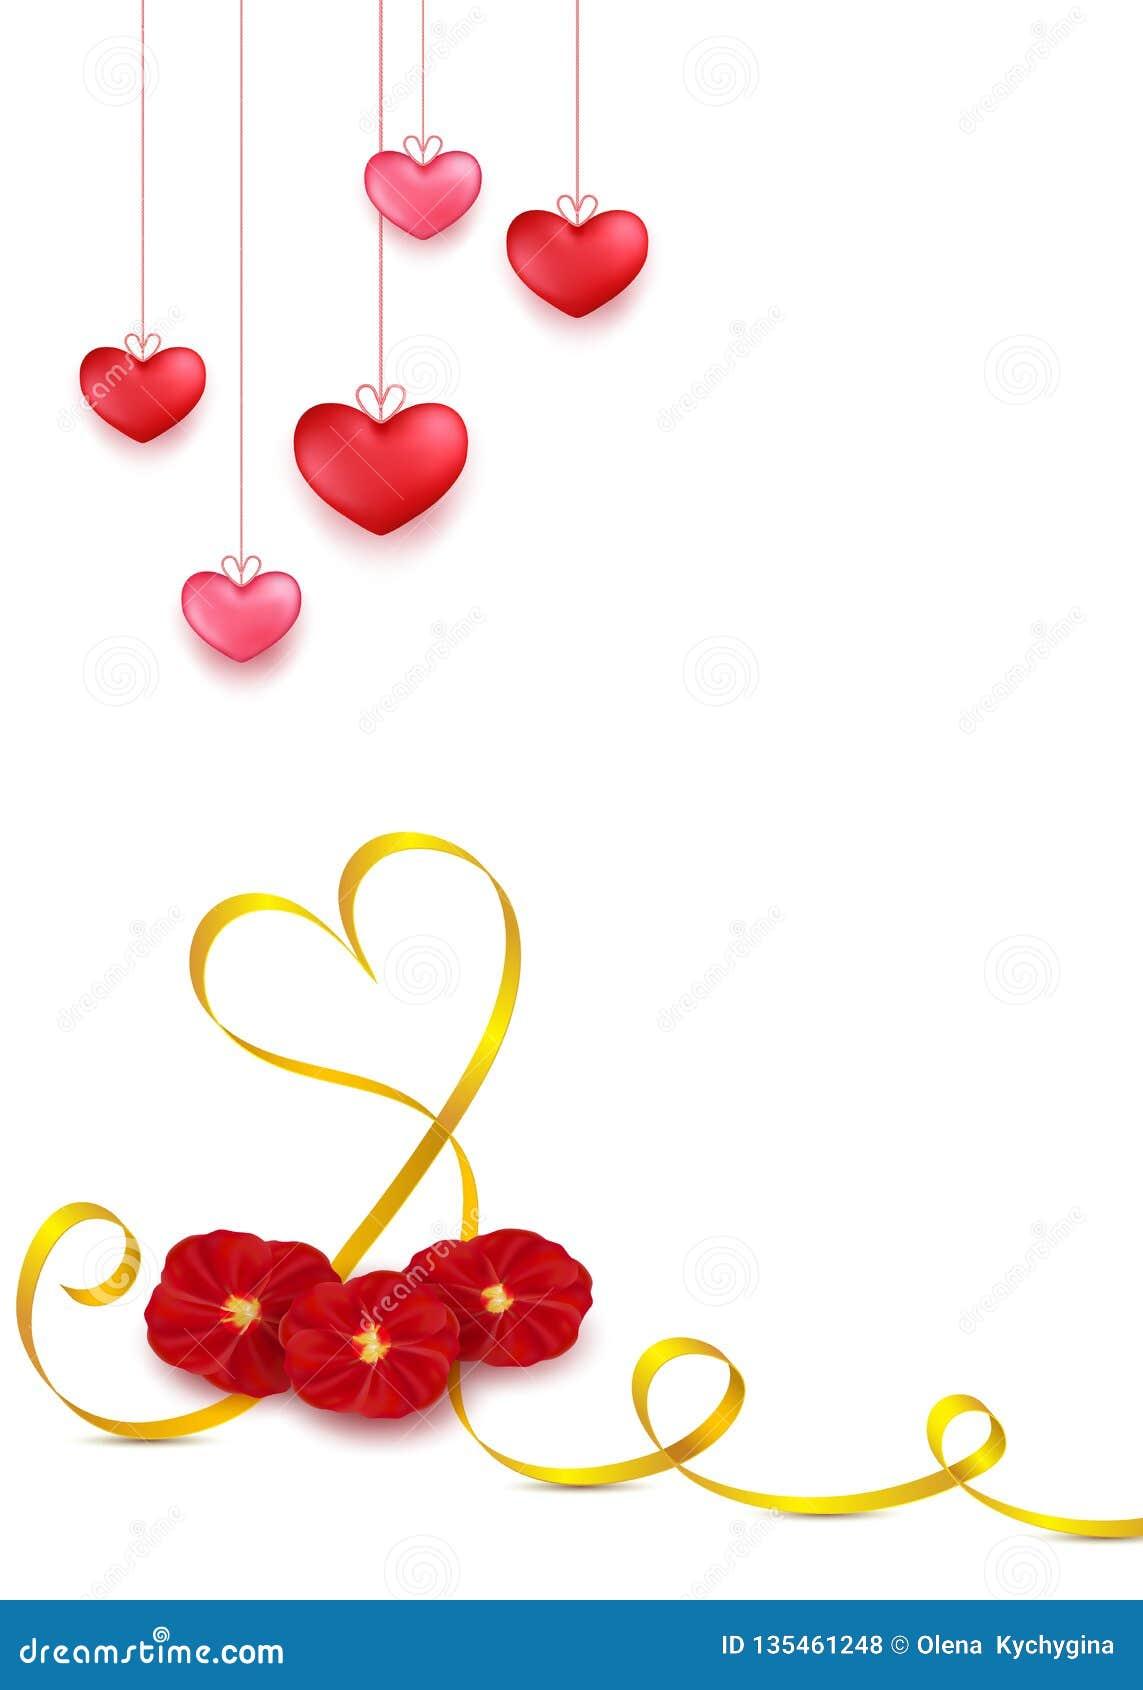 Walentynka dnia kartki z pozdrowieniami projekt w 3d stylu na białym tle Wiszący czerwoni serca z złotym lampasa i czerwieni róży